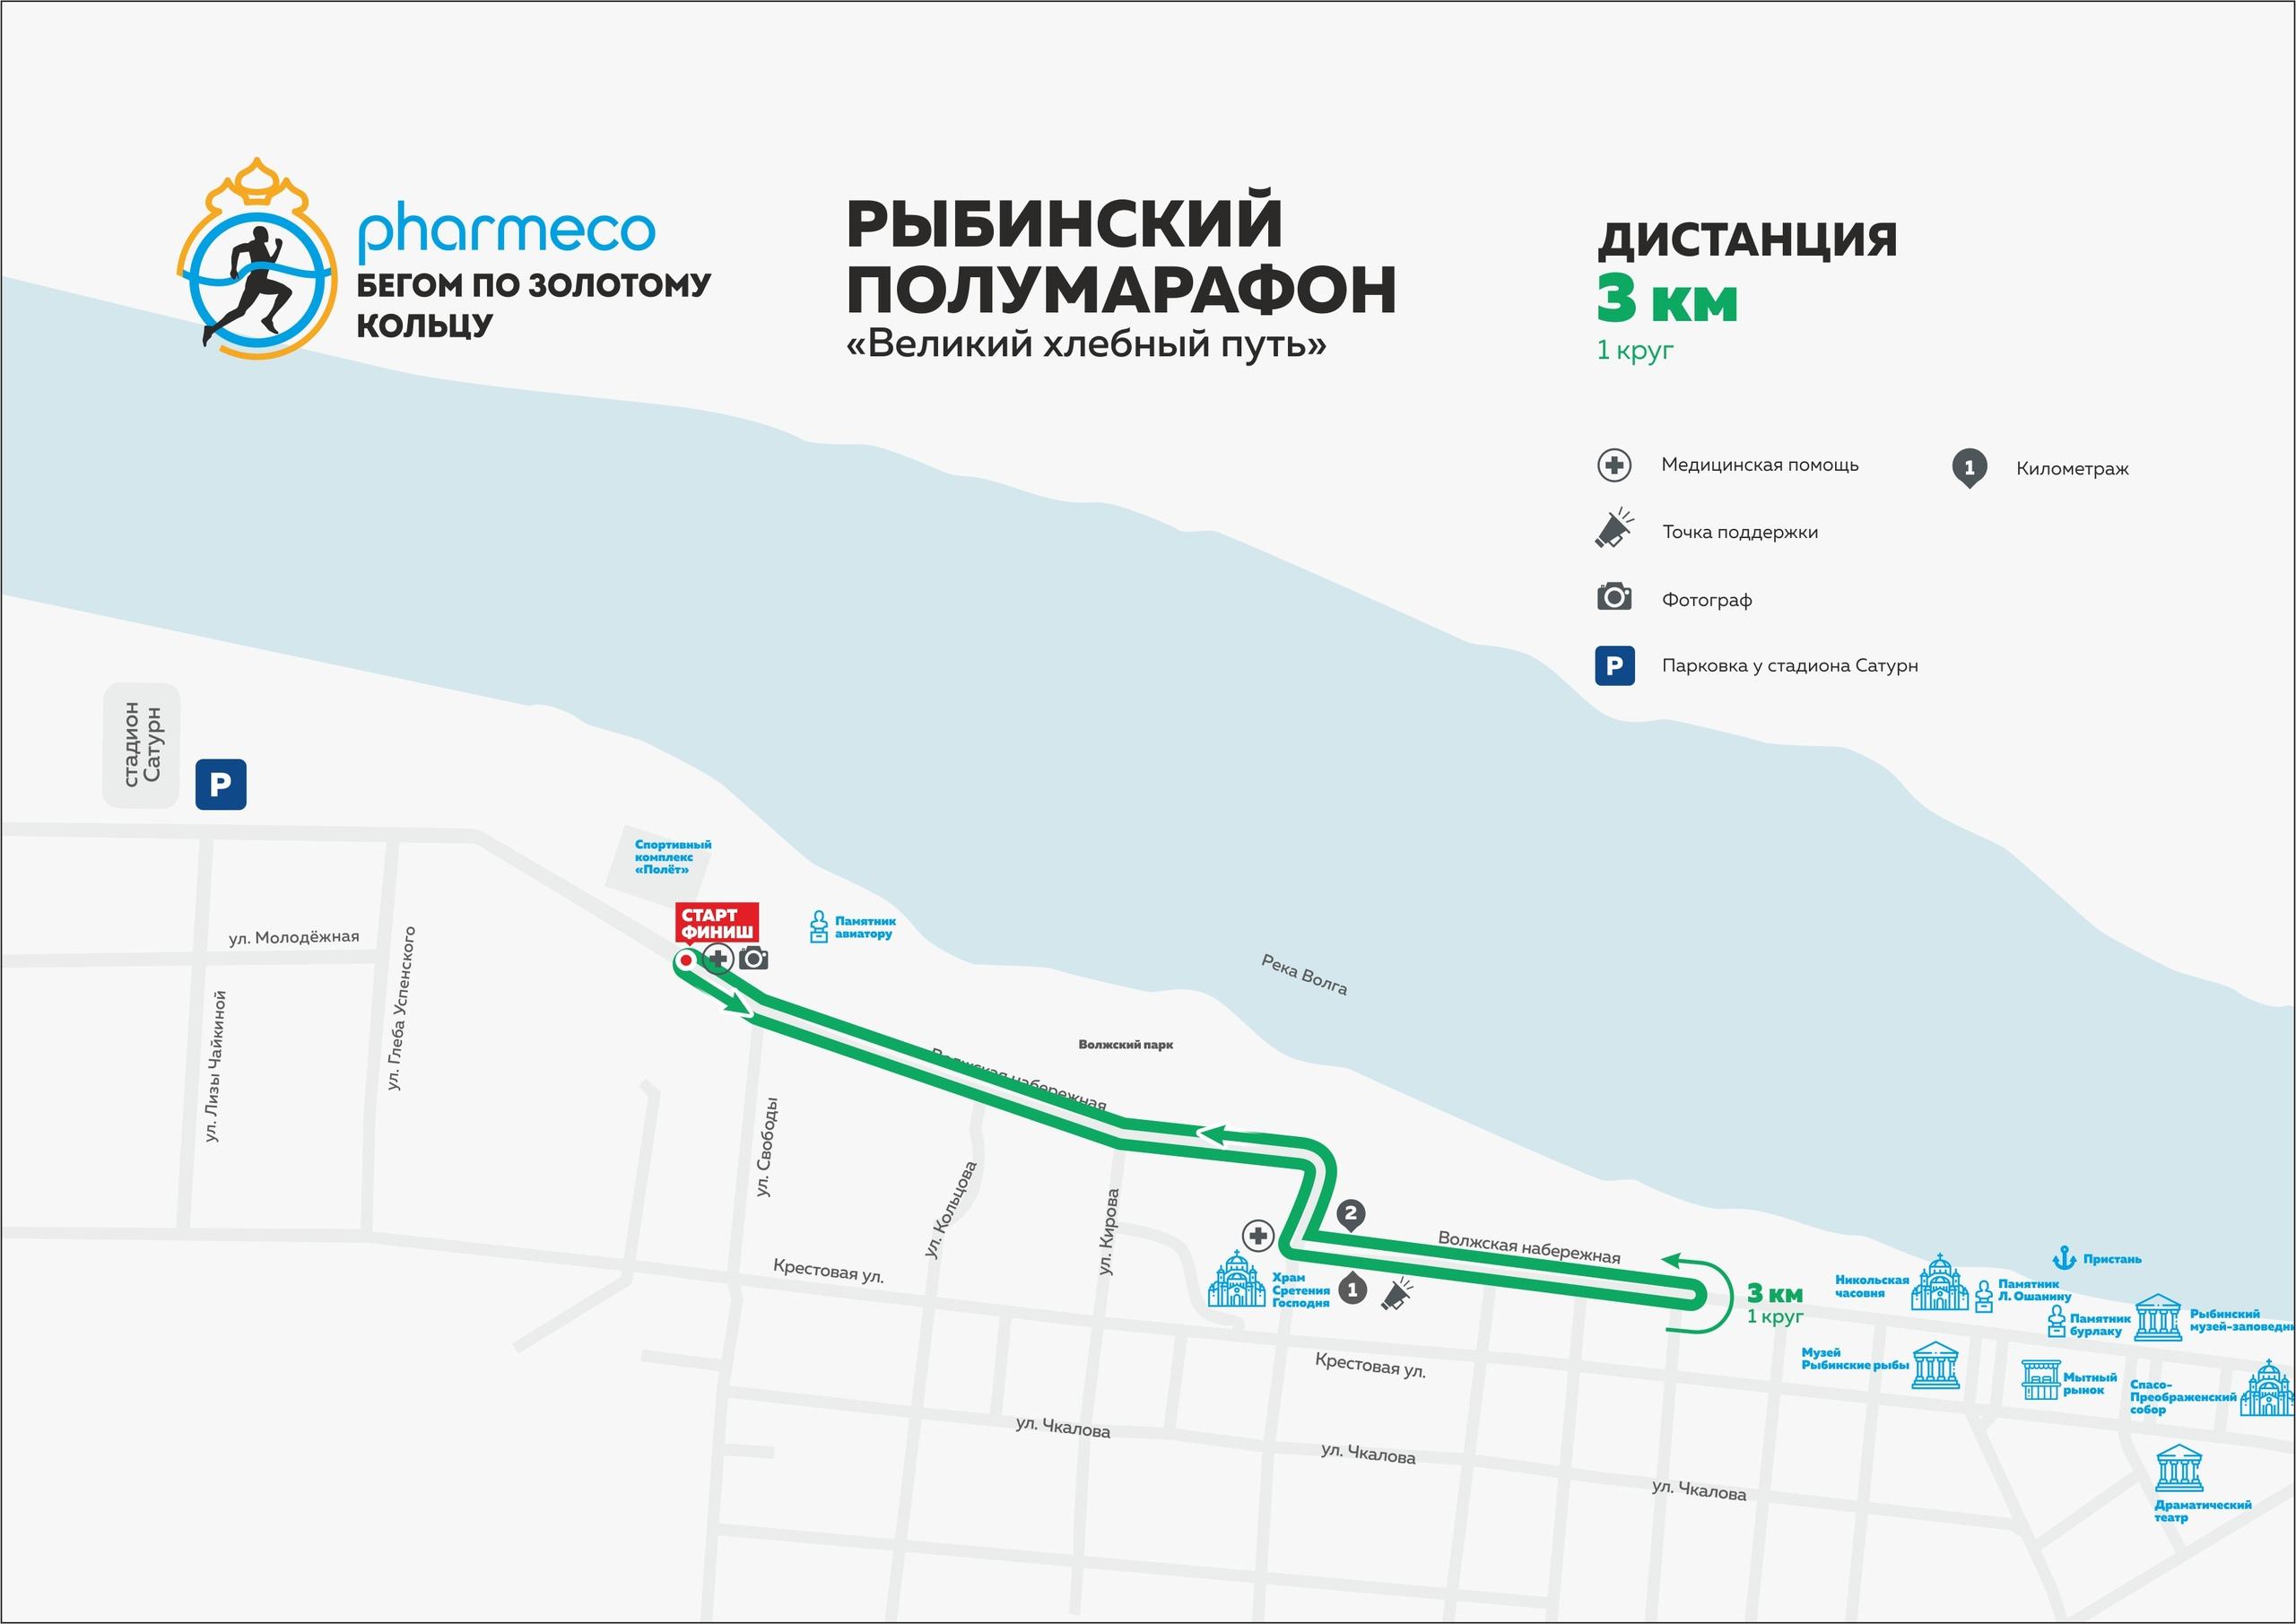 Дистанция 3 км - Рыбинский полумарафон 2020